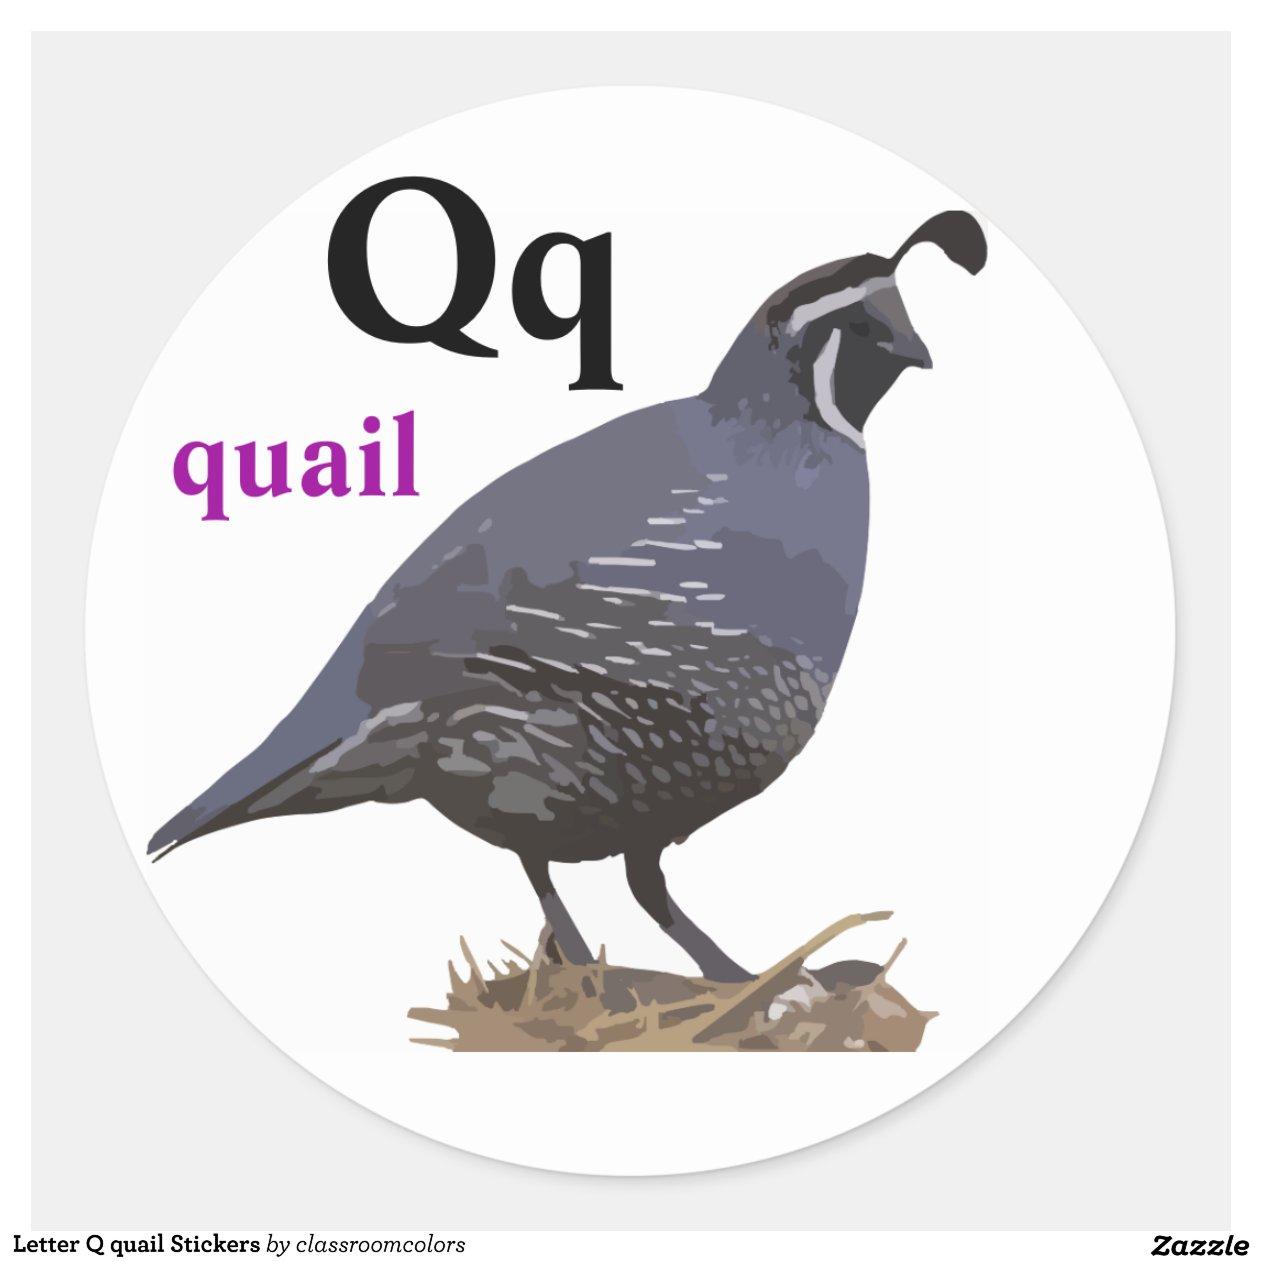 Q Is For Quail Letter Q quail Stickers